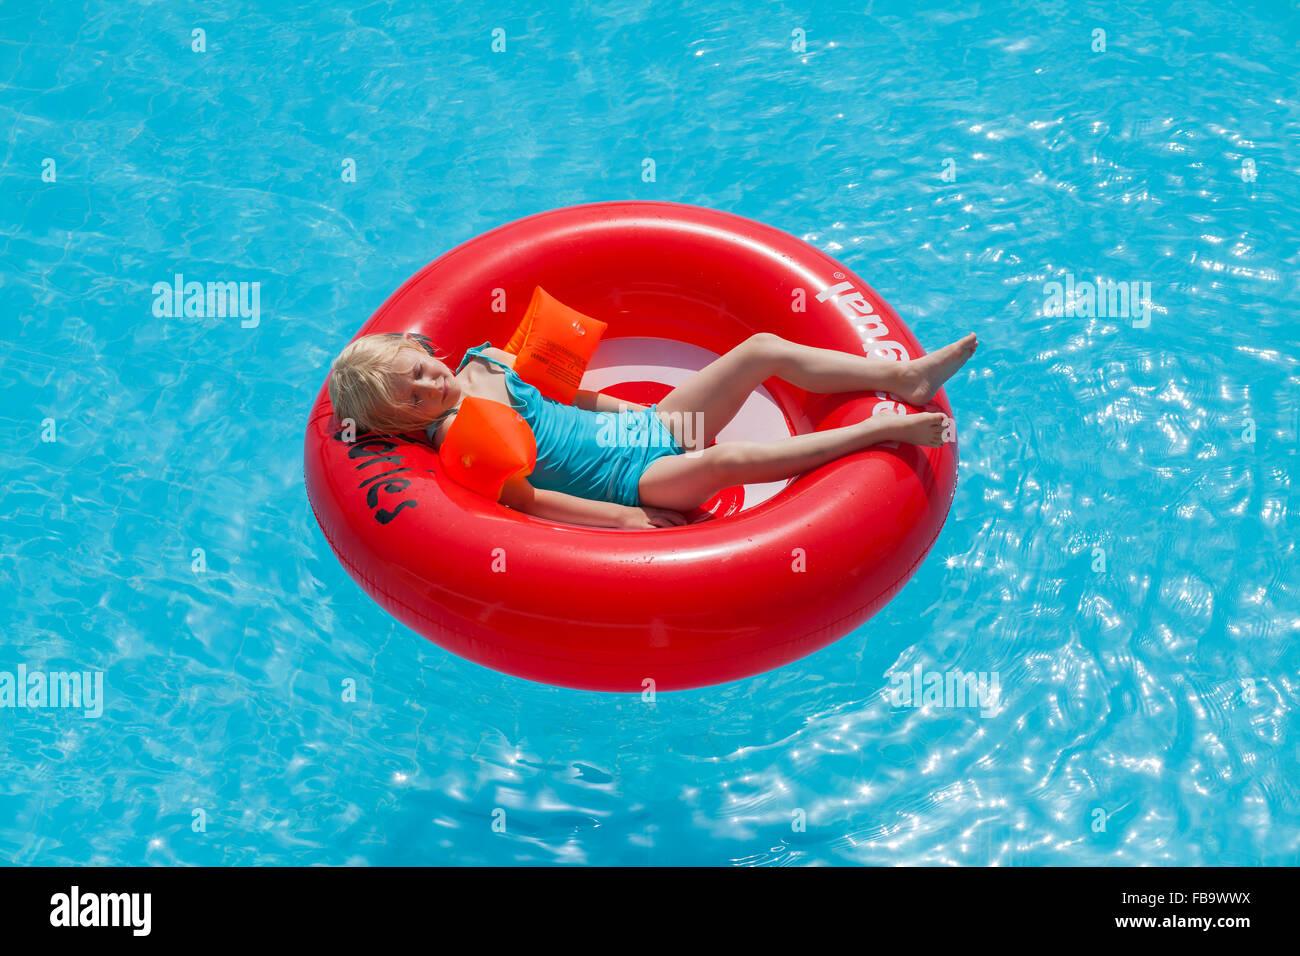 Grecia, Karpathos, la AMOPI, Chica (6-7) acostado en Ruedas inflables Imagen De Stock